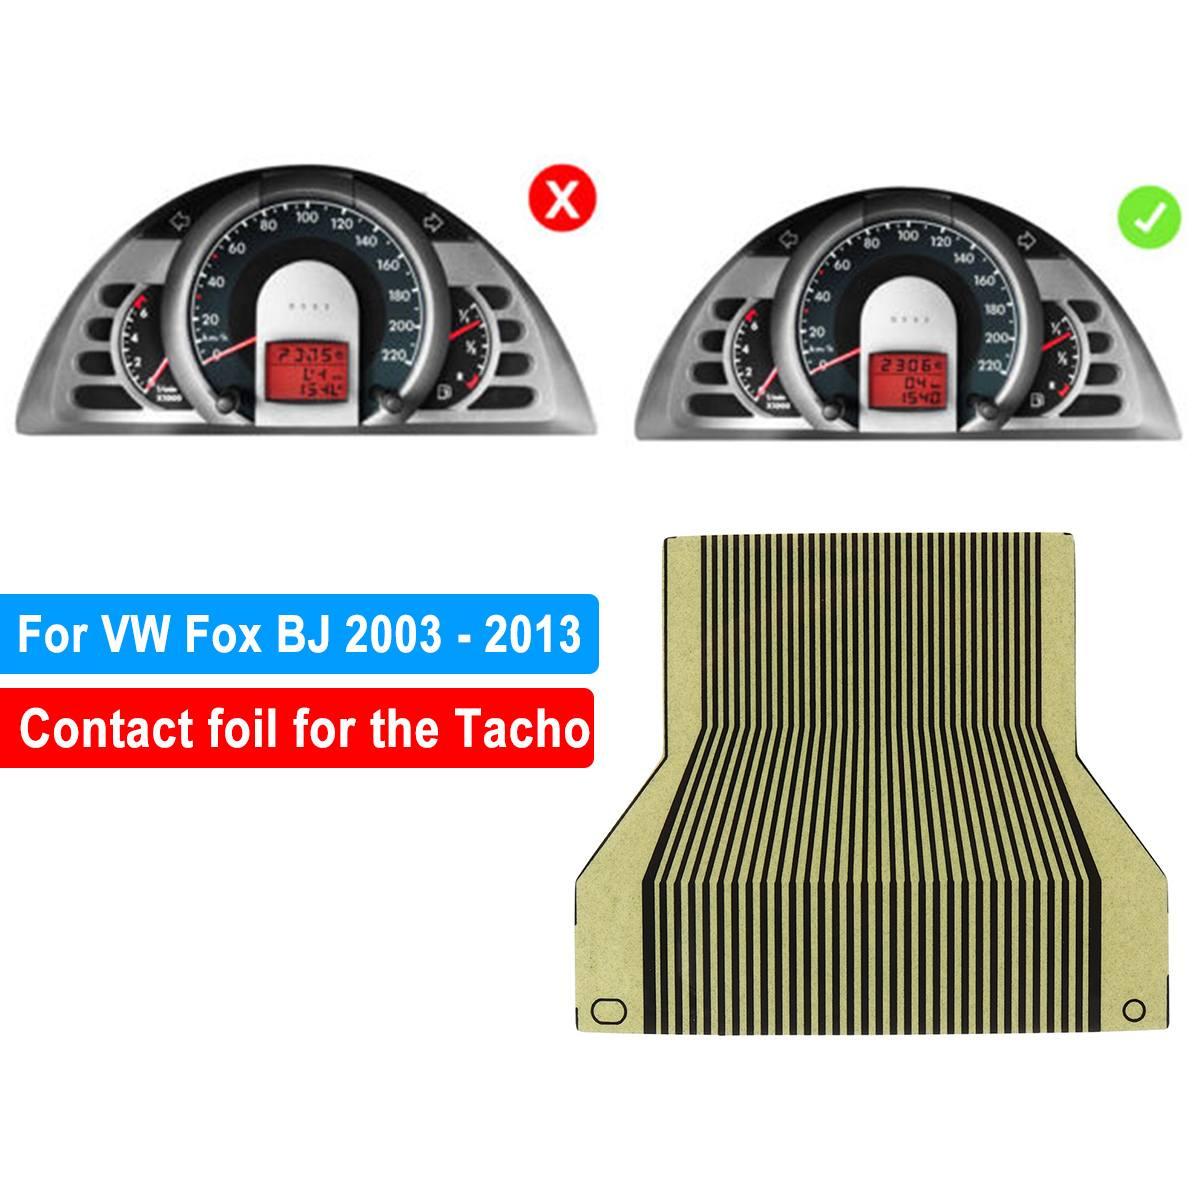 LCD Display Cluster Pixel Repair Ribbon Cable Tool For VW For FOX Tacho LCD Display Ribbon Cable Speedometer